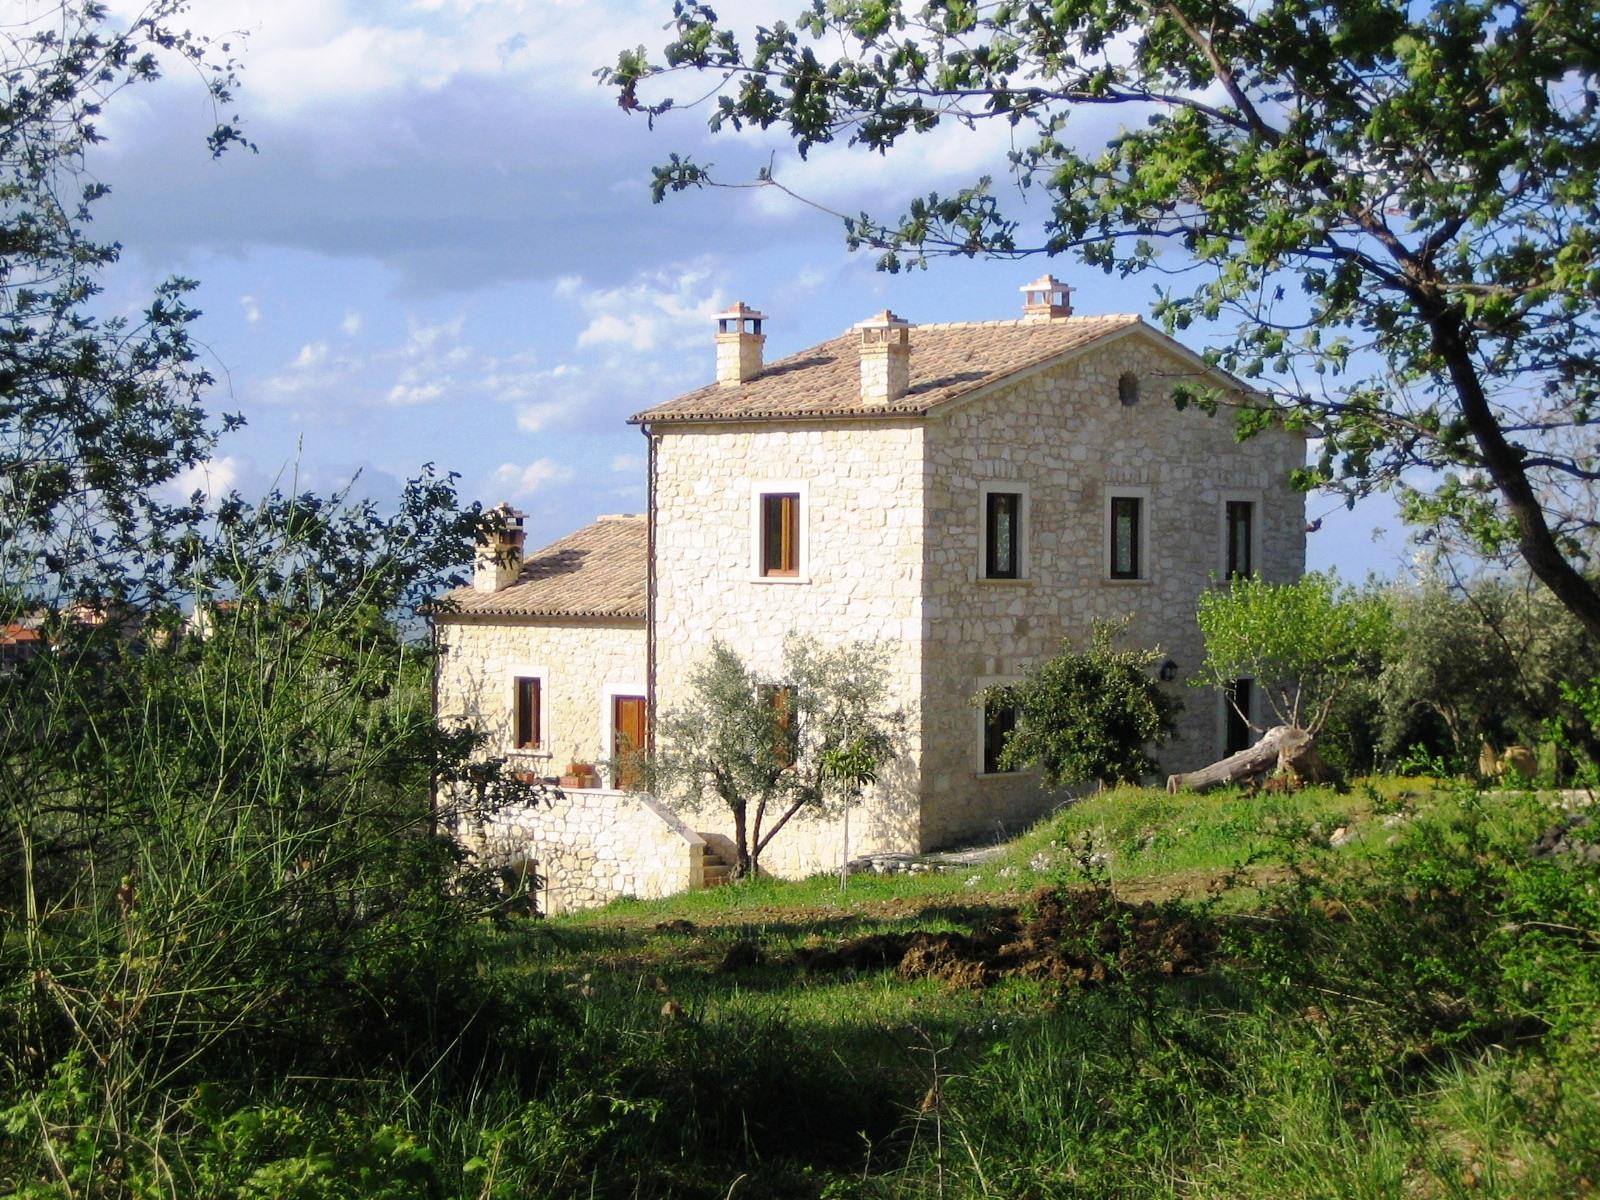 Casa di campagna Casa di campagna in vendita Abbateggio (PE), Casa Selva - Abbateggio - EUR 510.204 230